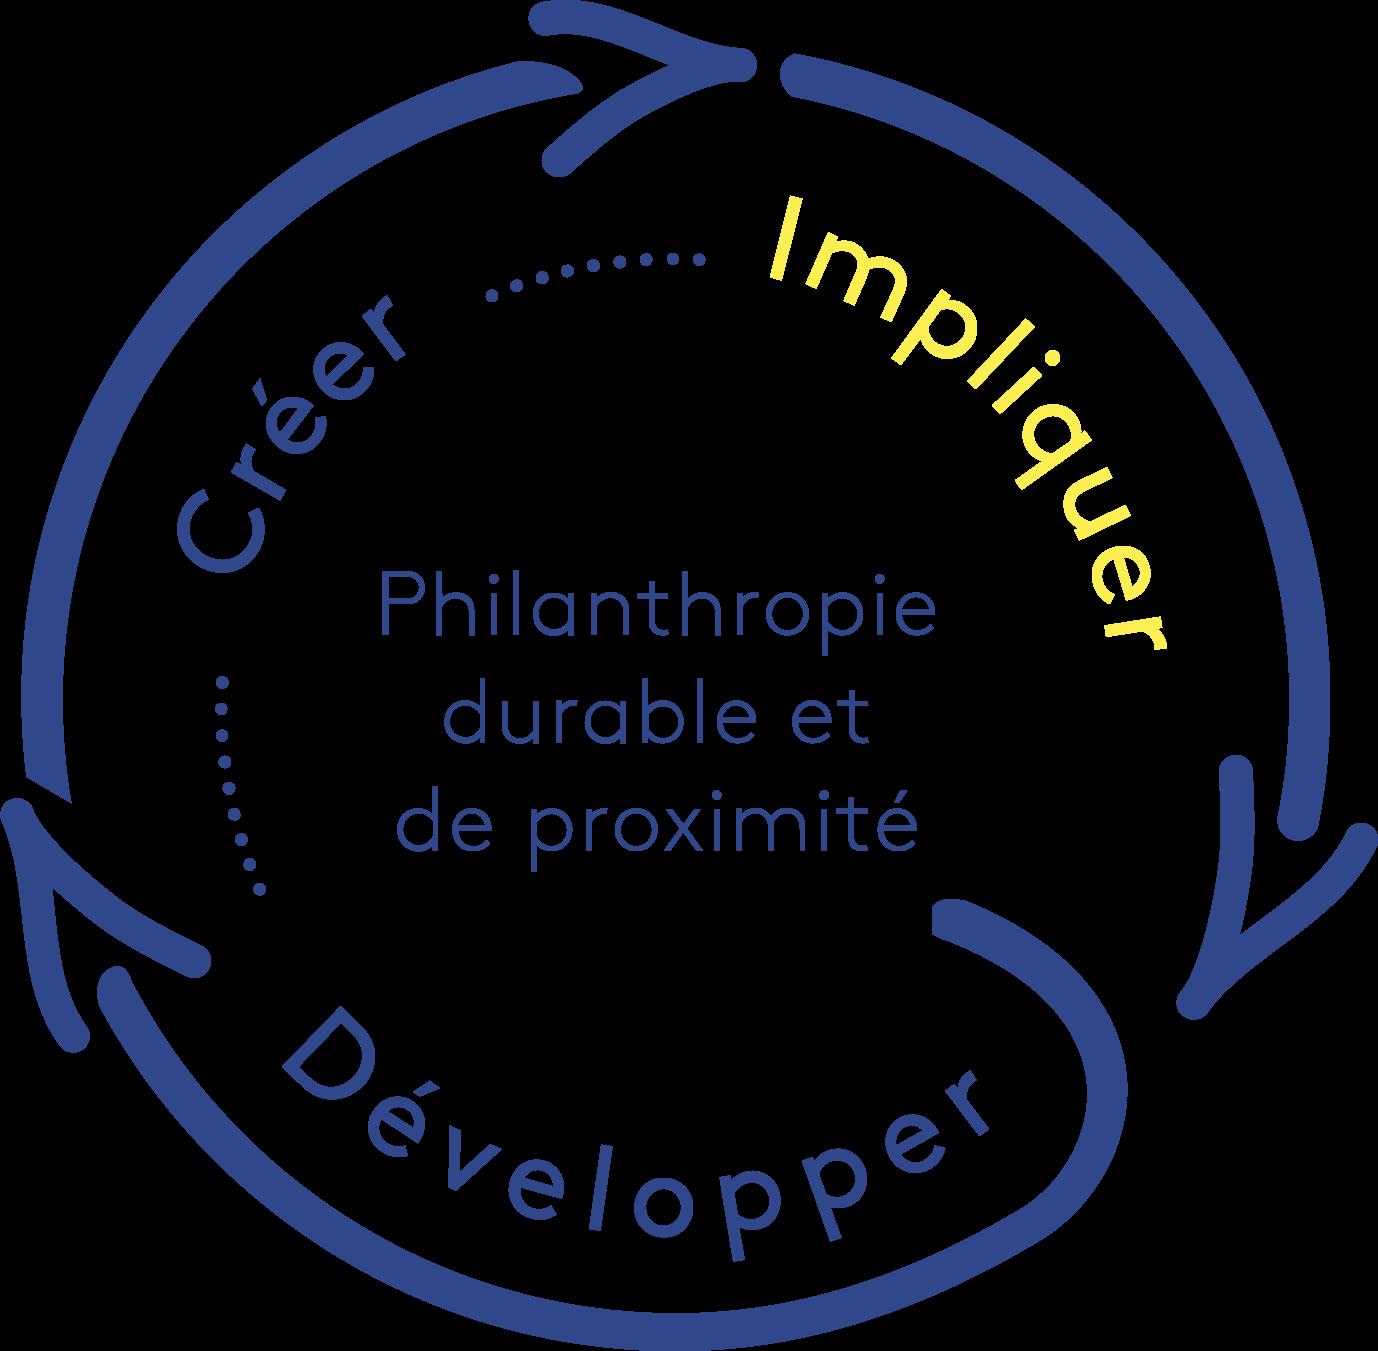 Boucle de la philanthropie durable et de proximité, emphase sur Impliquer